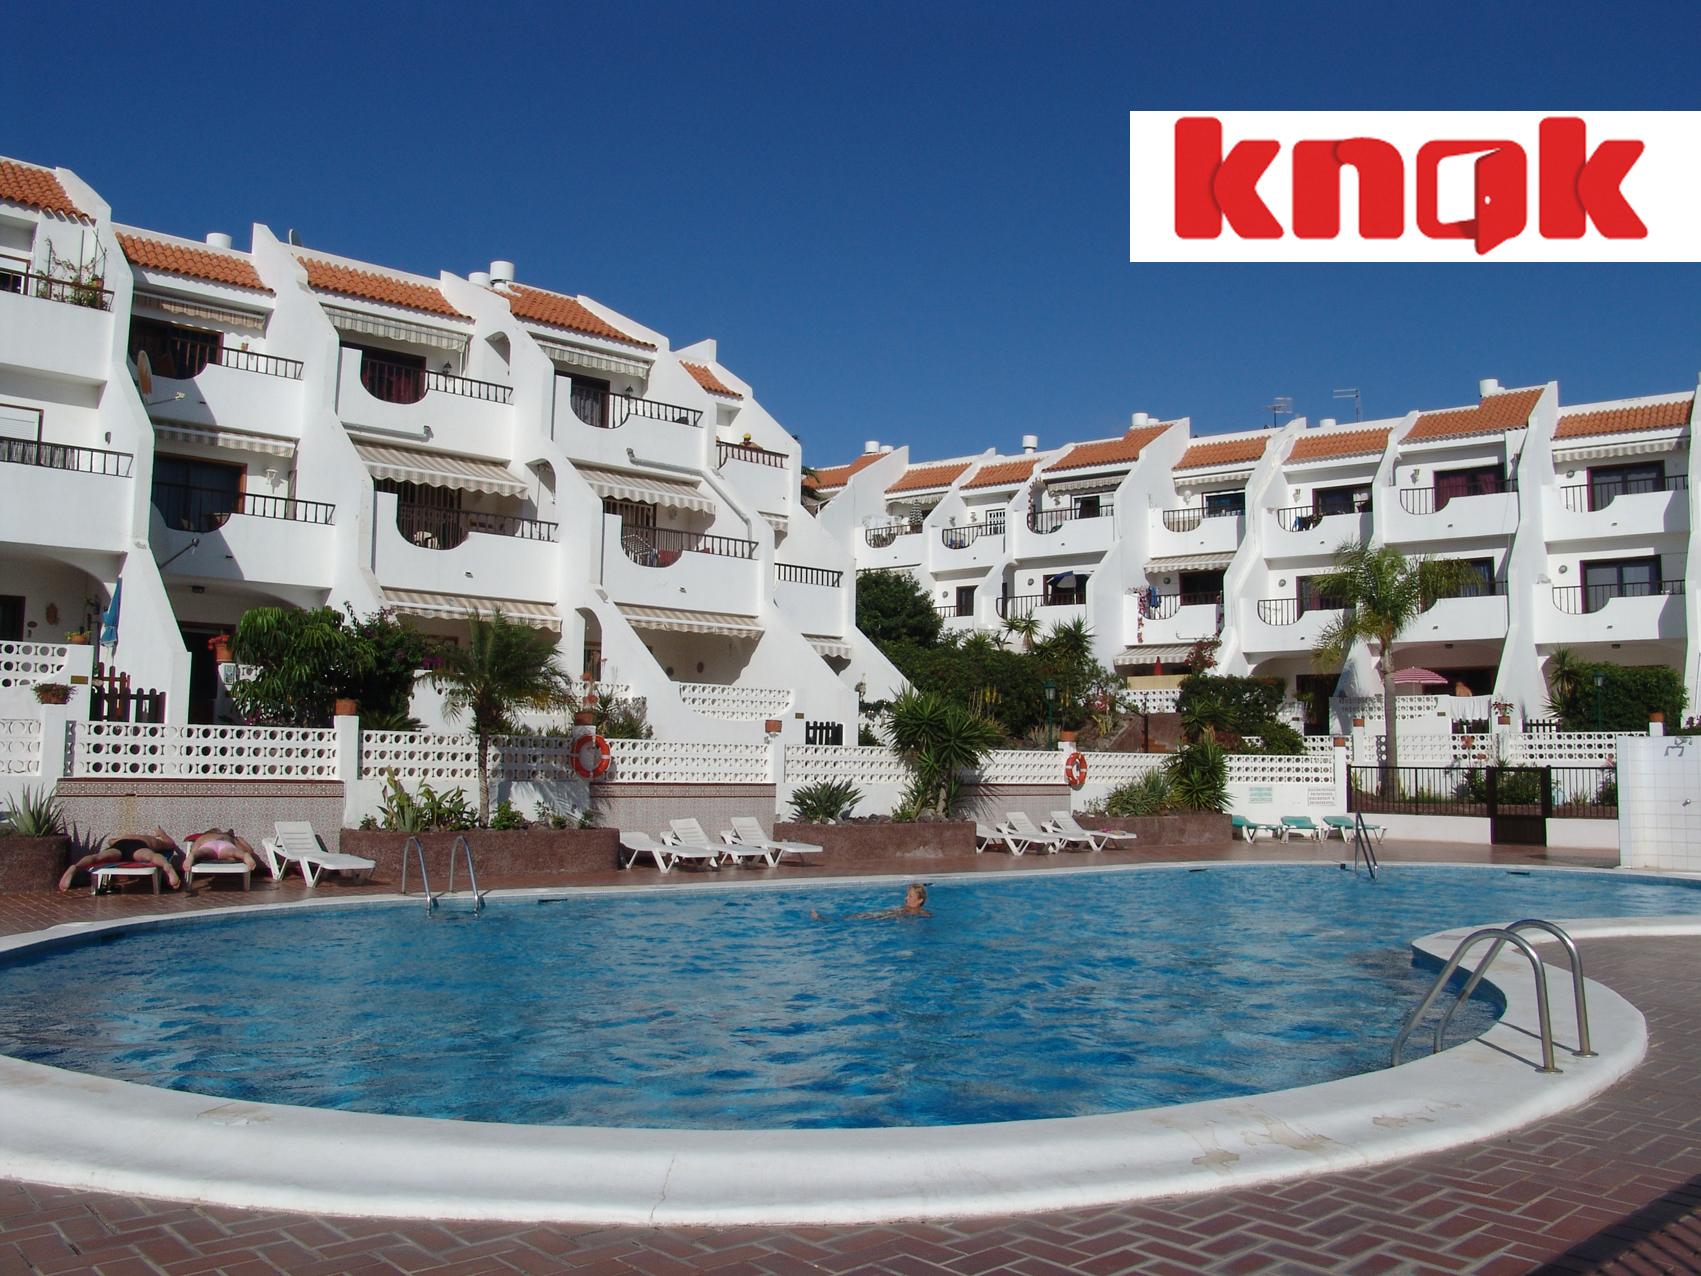 Foto casa Canarias Knok